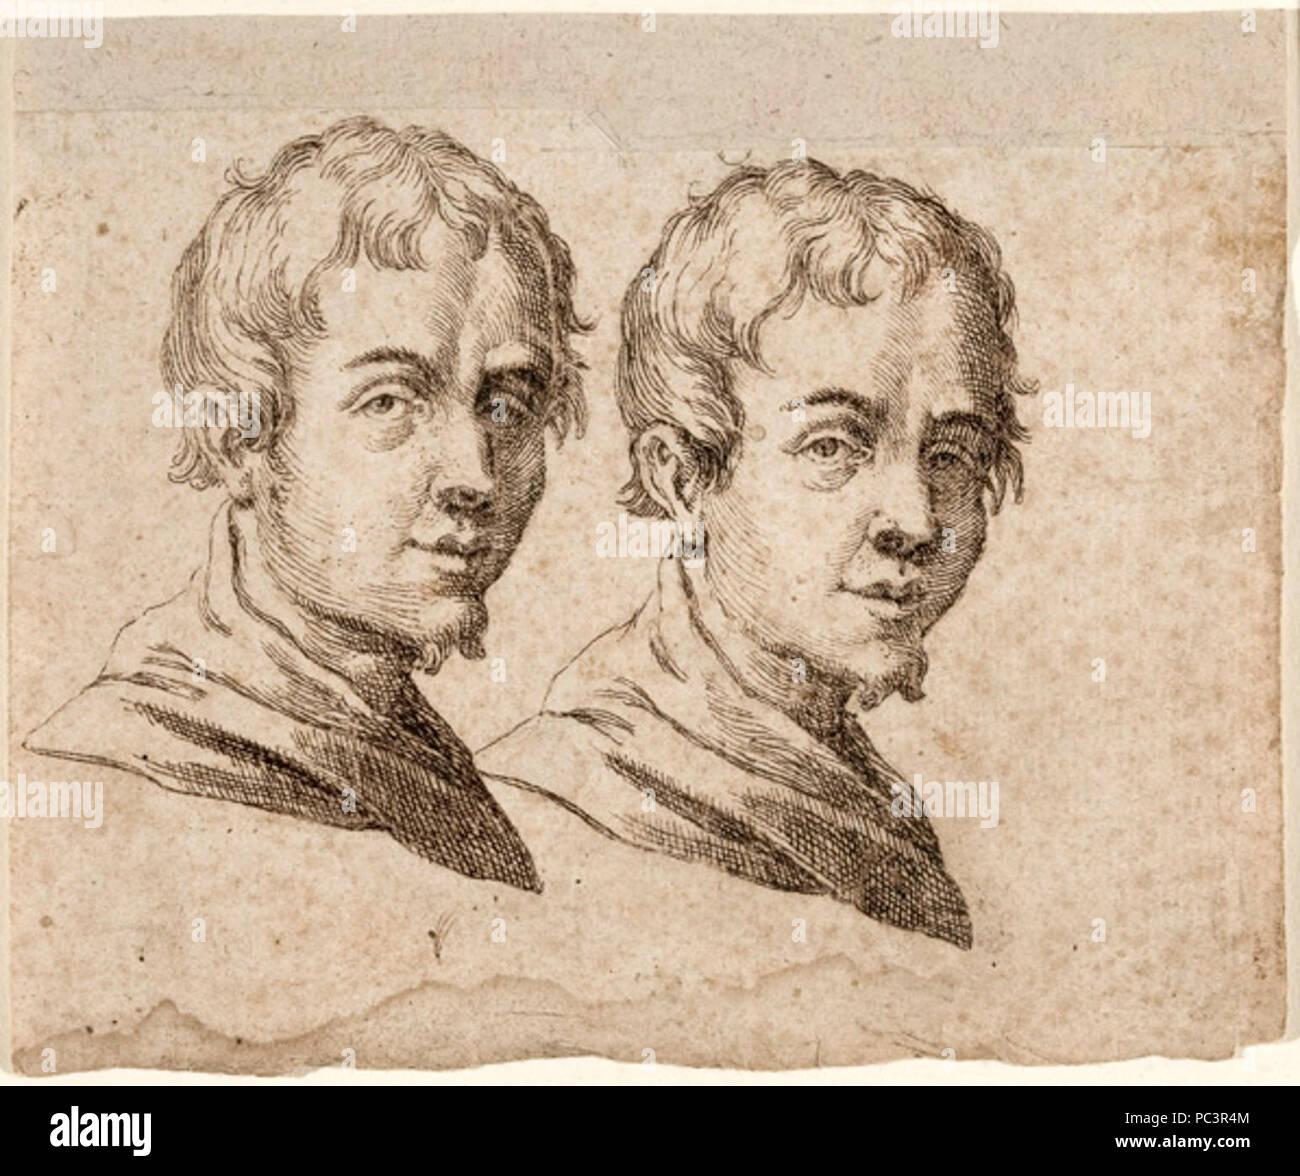 Aegidius Sadeler - Dois Estudos da Cabeça de um Adolescente. Imagen De Stock